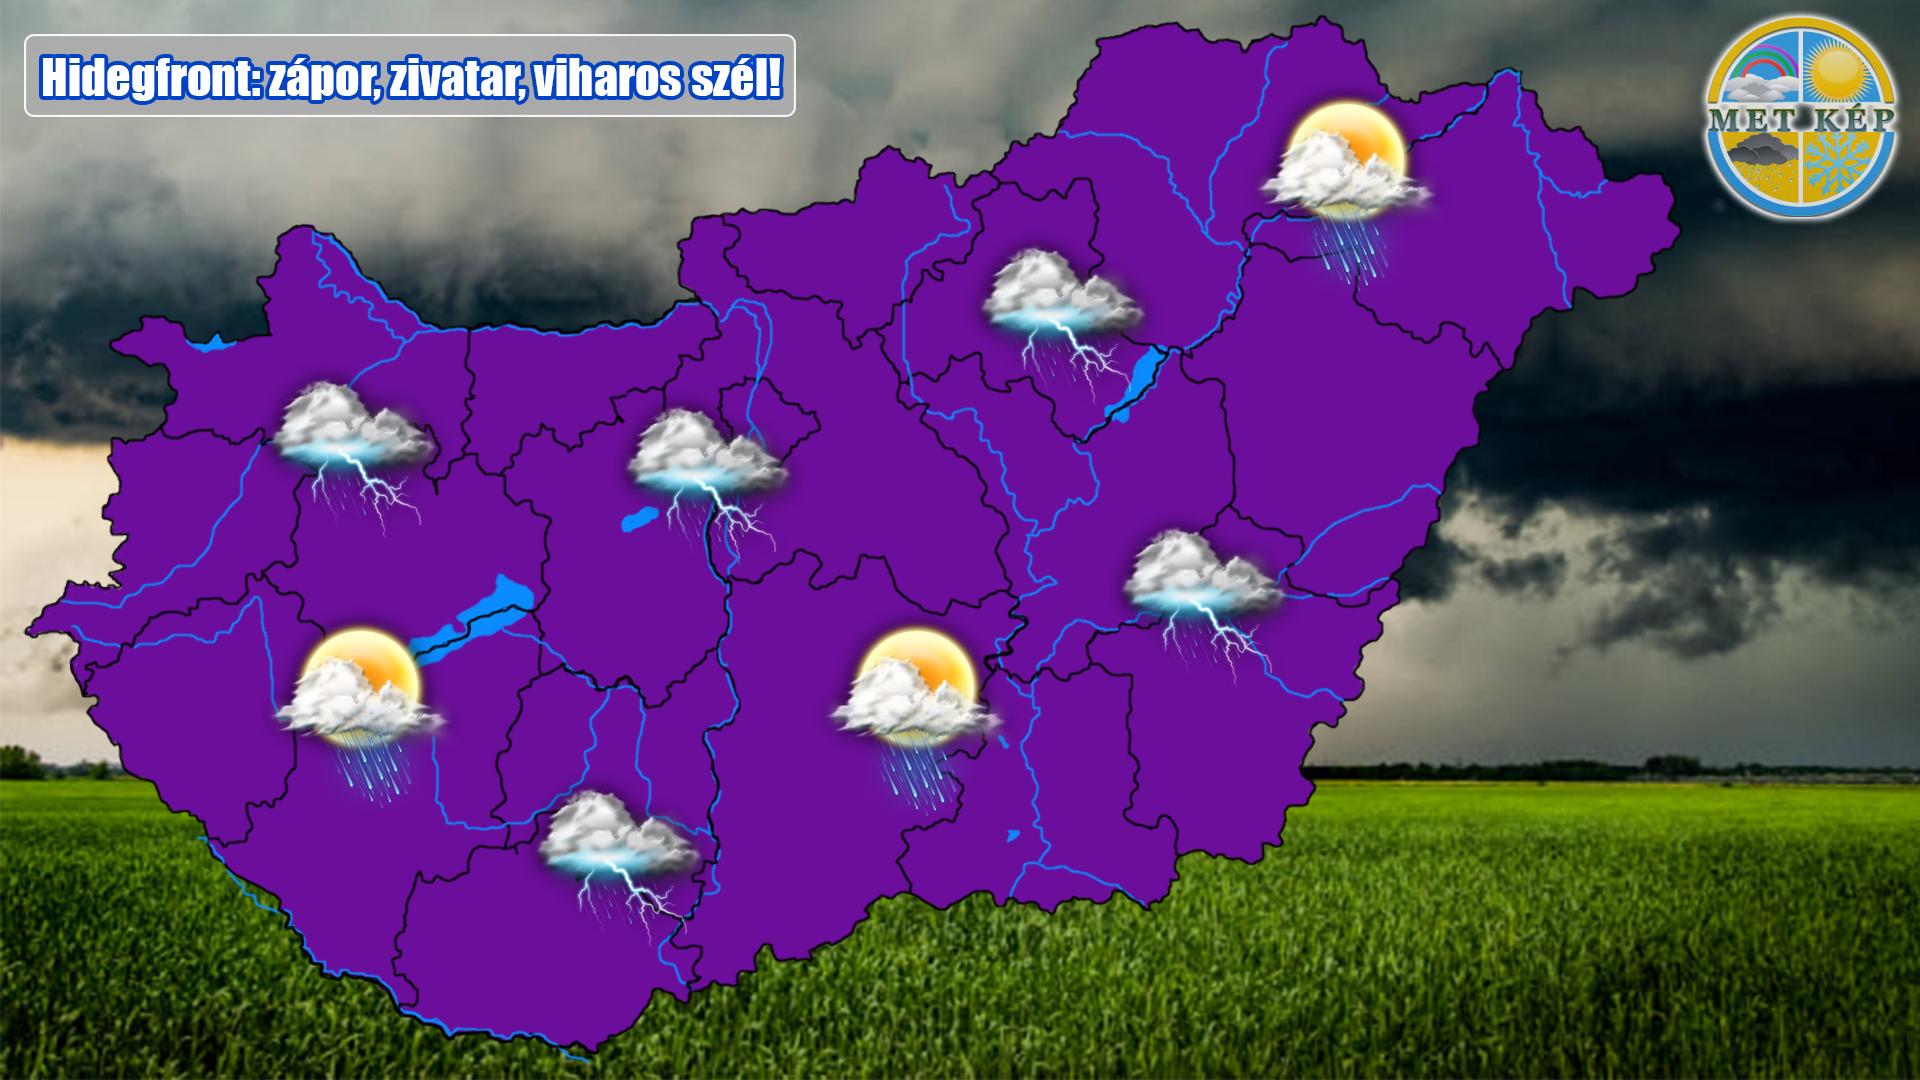 Hidegfront érkezik: zápor, zivatar, viharos szél! 2